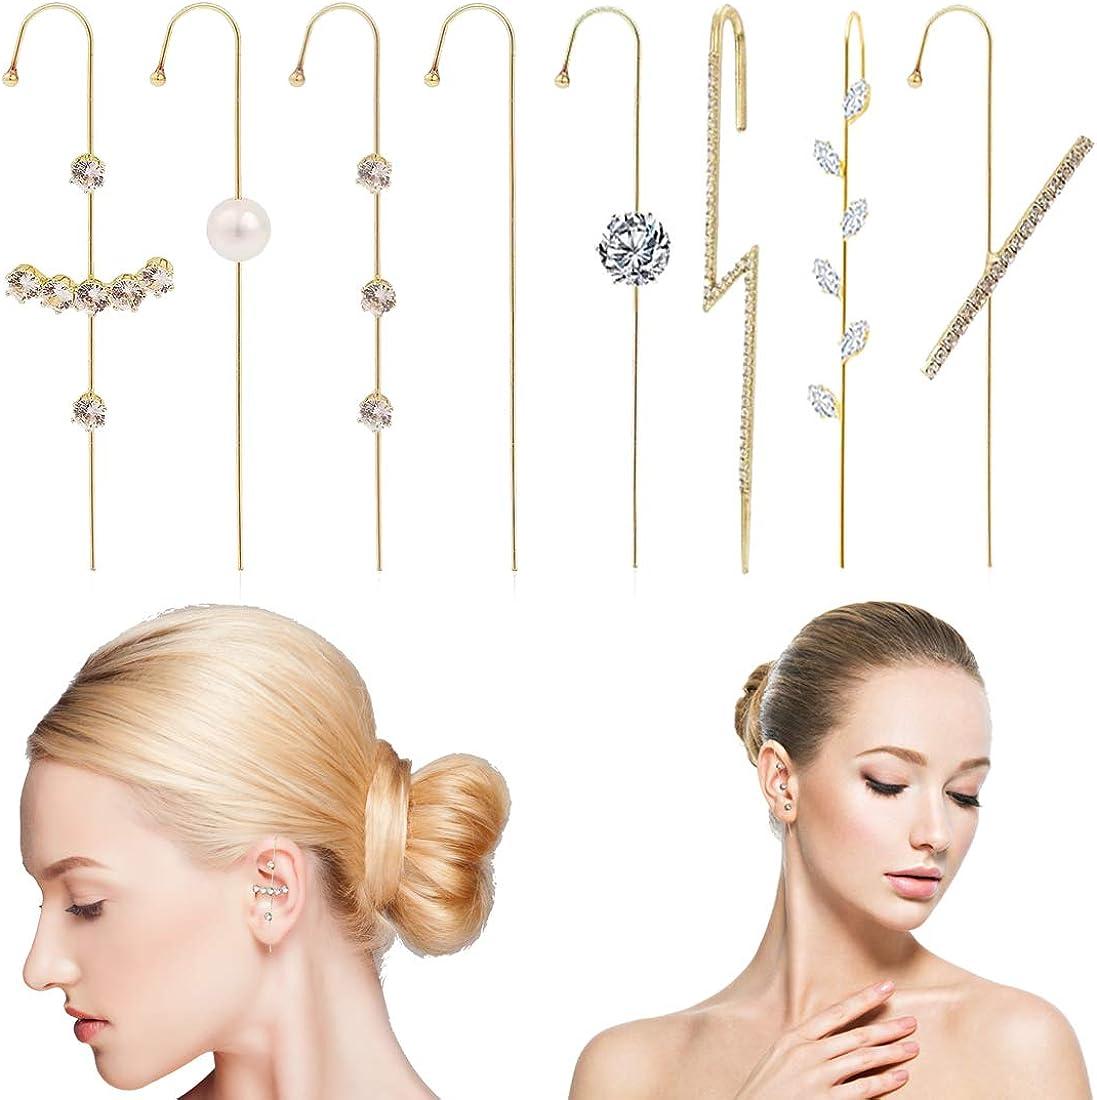 GAUSKY Ear Wrap Earrings 8 Pcs Cuff Earrings for Women Crawler Artificial Rhinestone Earring Hook Piercing Ear Climb Stud, Gold